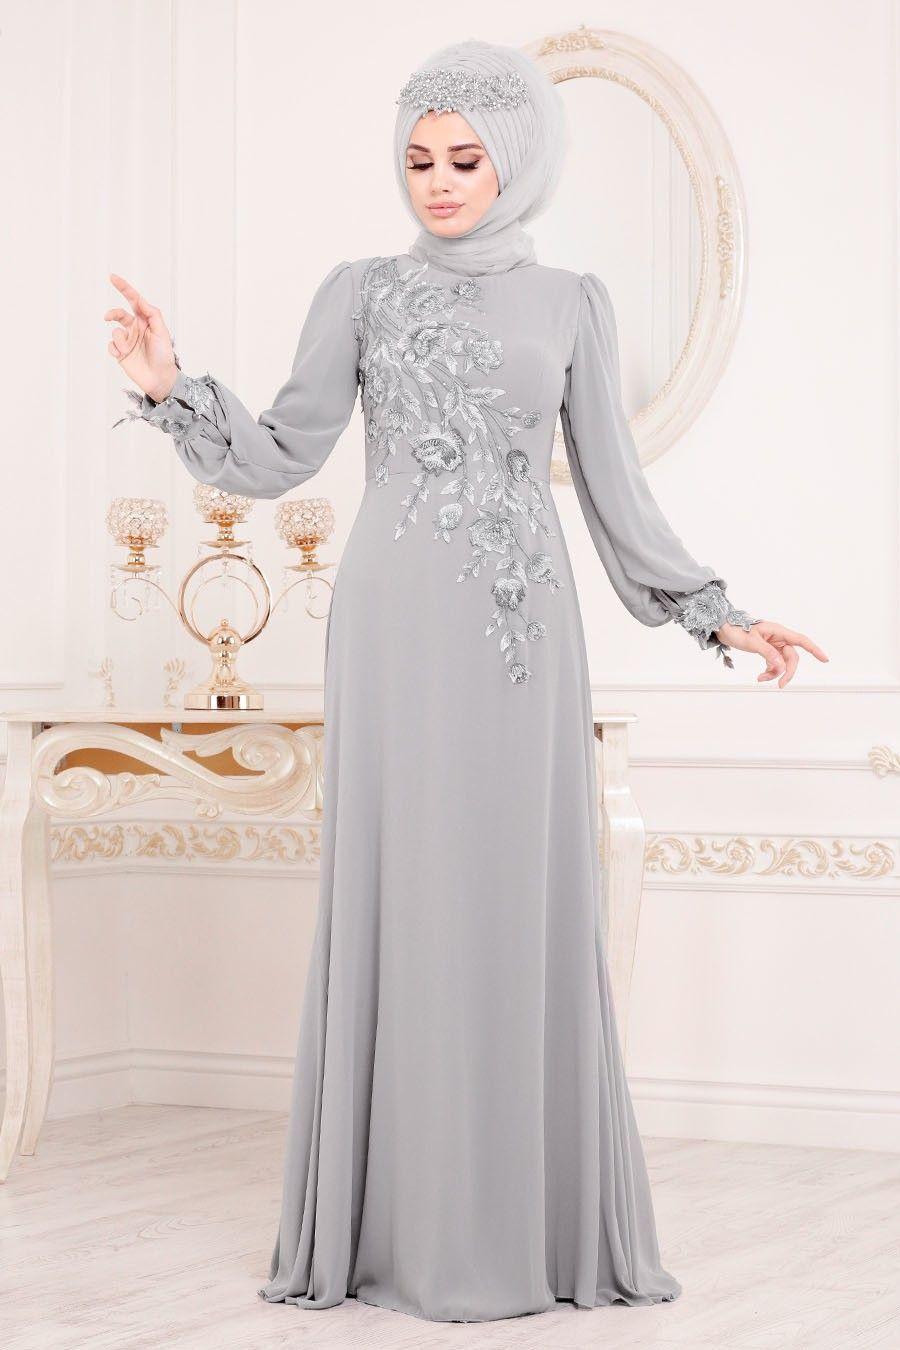 Tesetturlu Abiye Elbise Cicek Desenli Gri Tesettur Abiye Elbise 37850gr Tesetturisland Com Aksamustu Giysileri Elbise Moda Stilleri